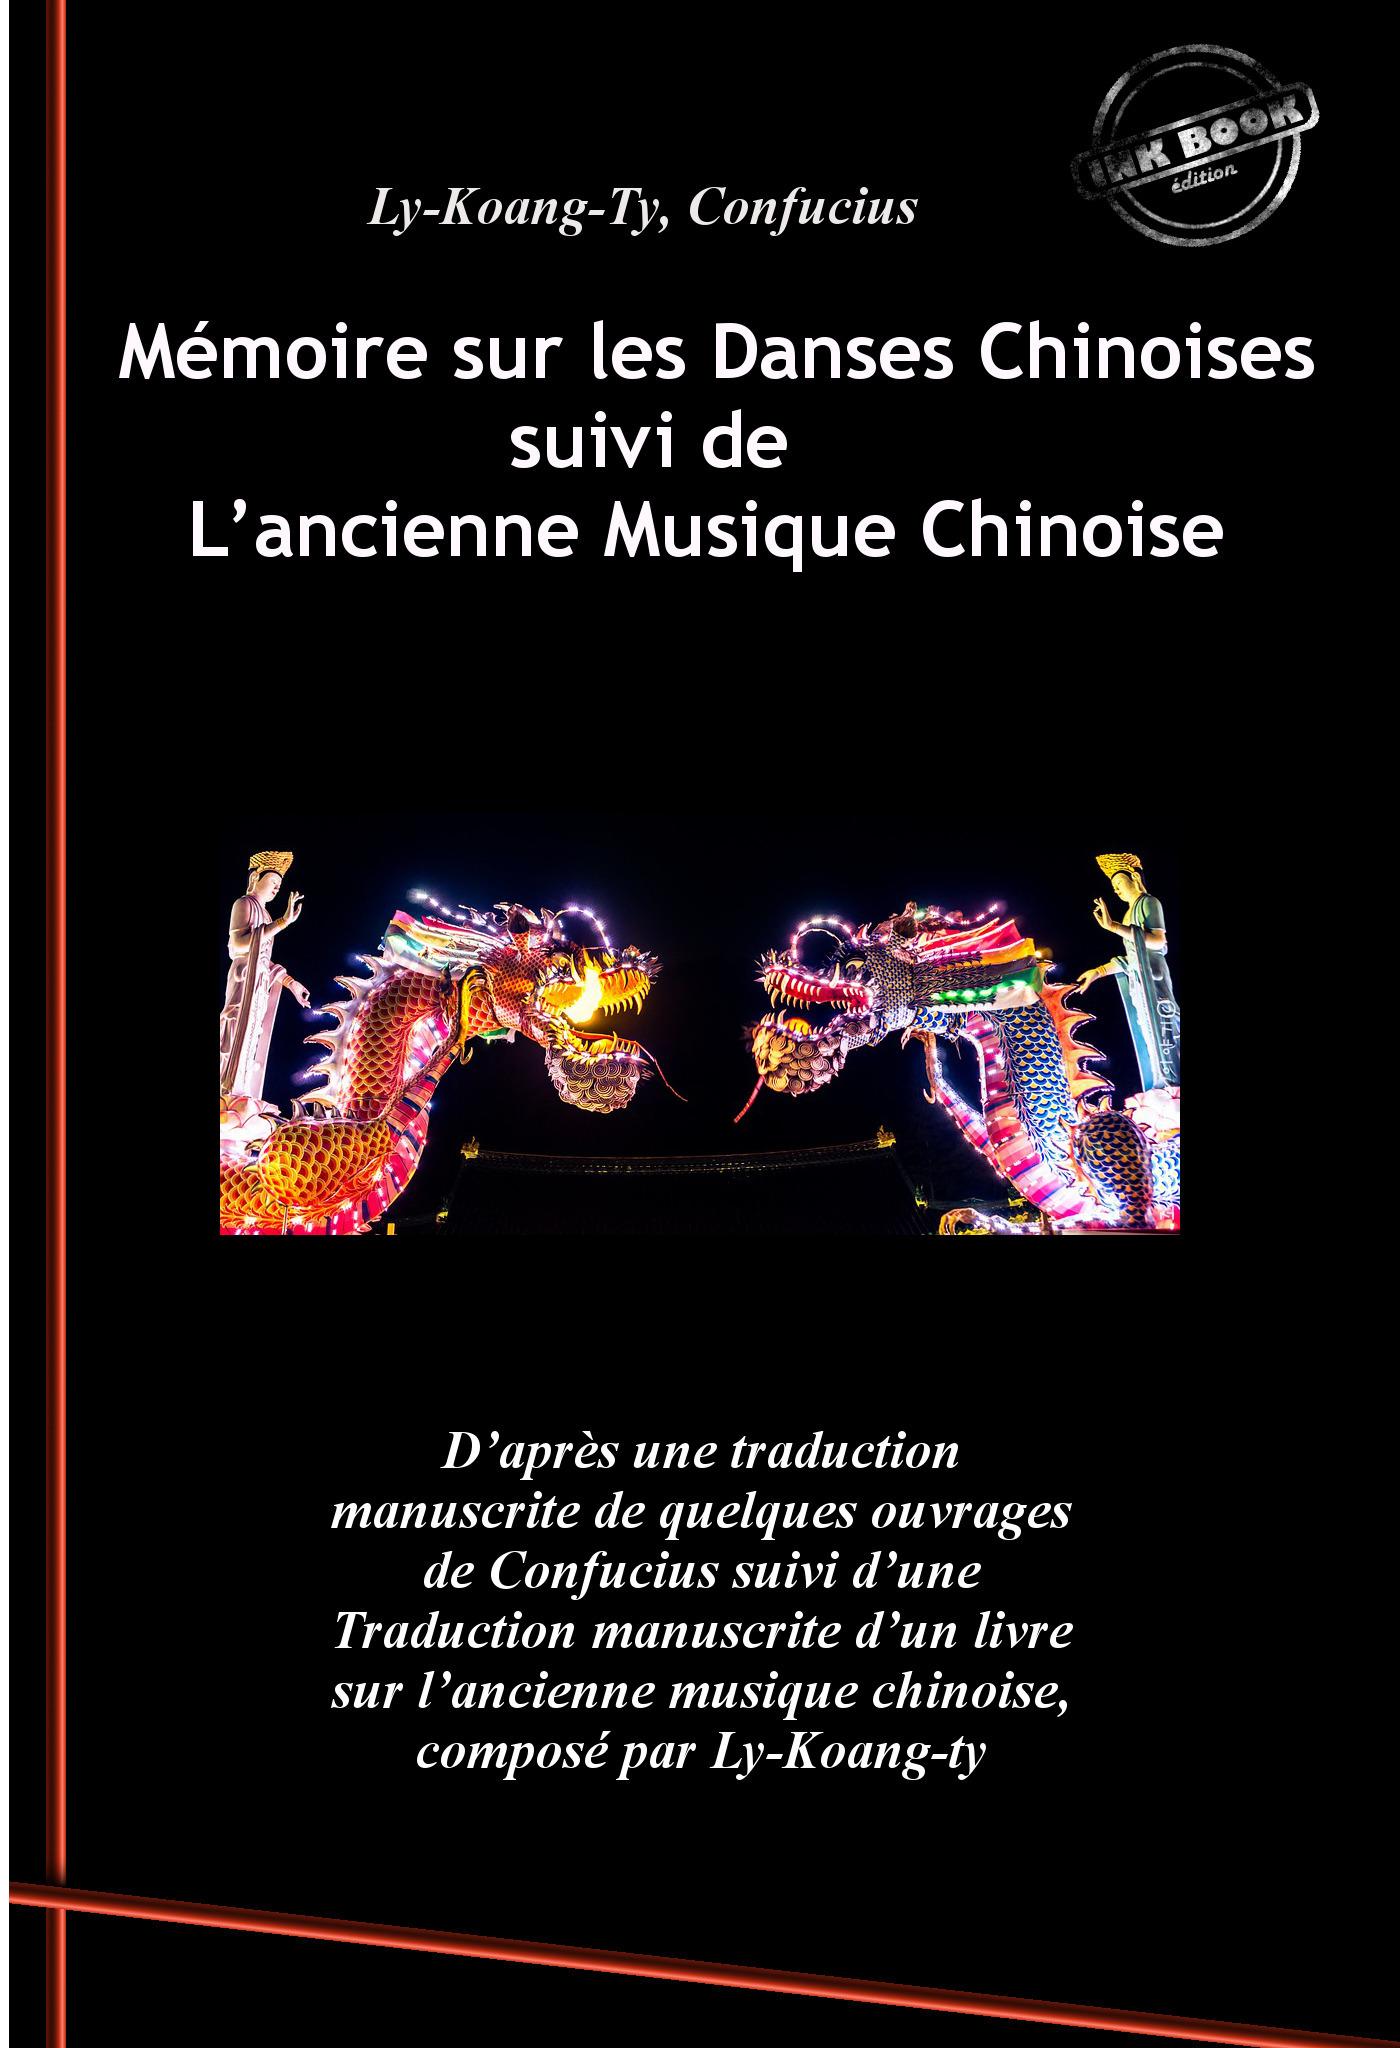 Mémoire sur les Danses Chinoises d'après Confucius, suivi de L'ancienne Musique Chinoise par Ly-Koang-Ty (édition intégrale, revue et corrigée).